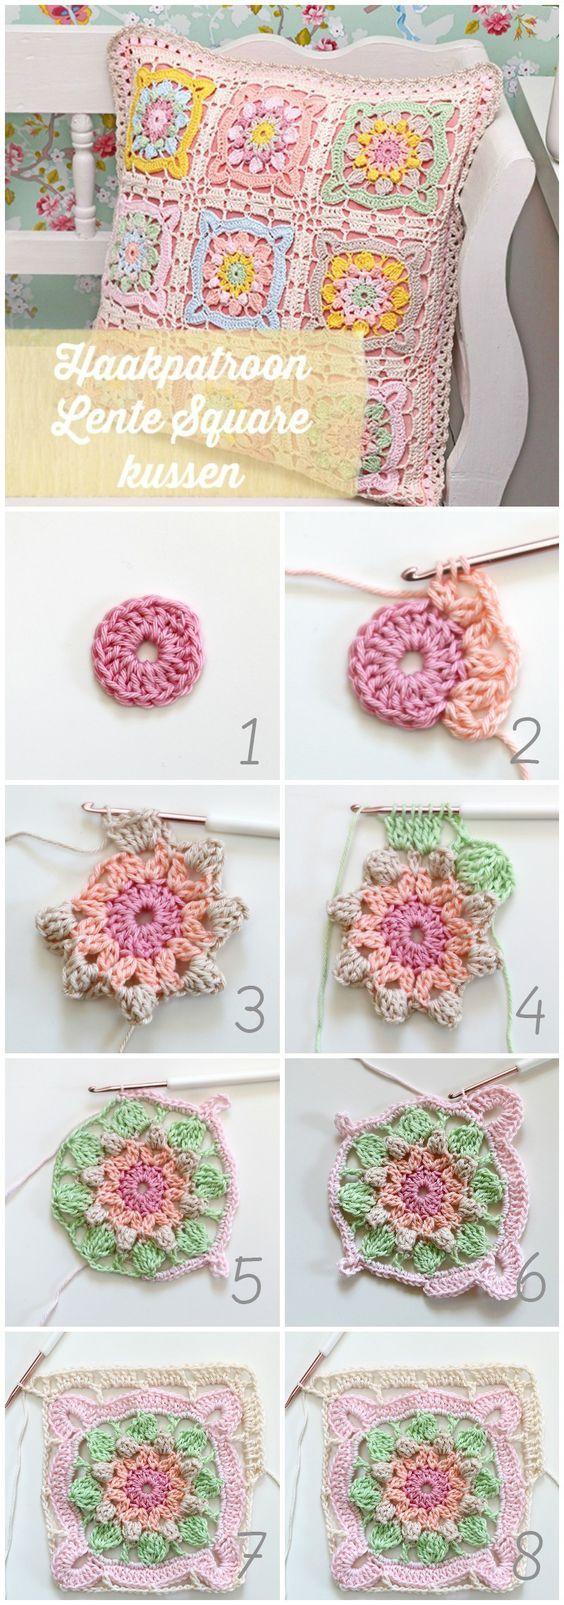 best crochet images on pinterest